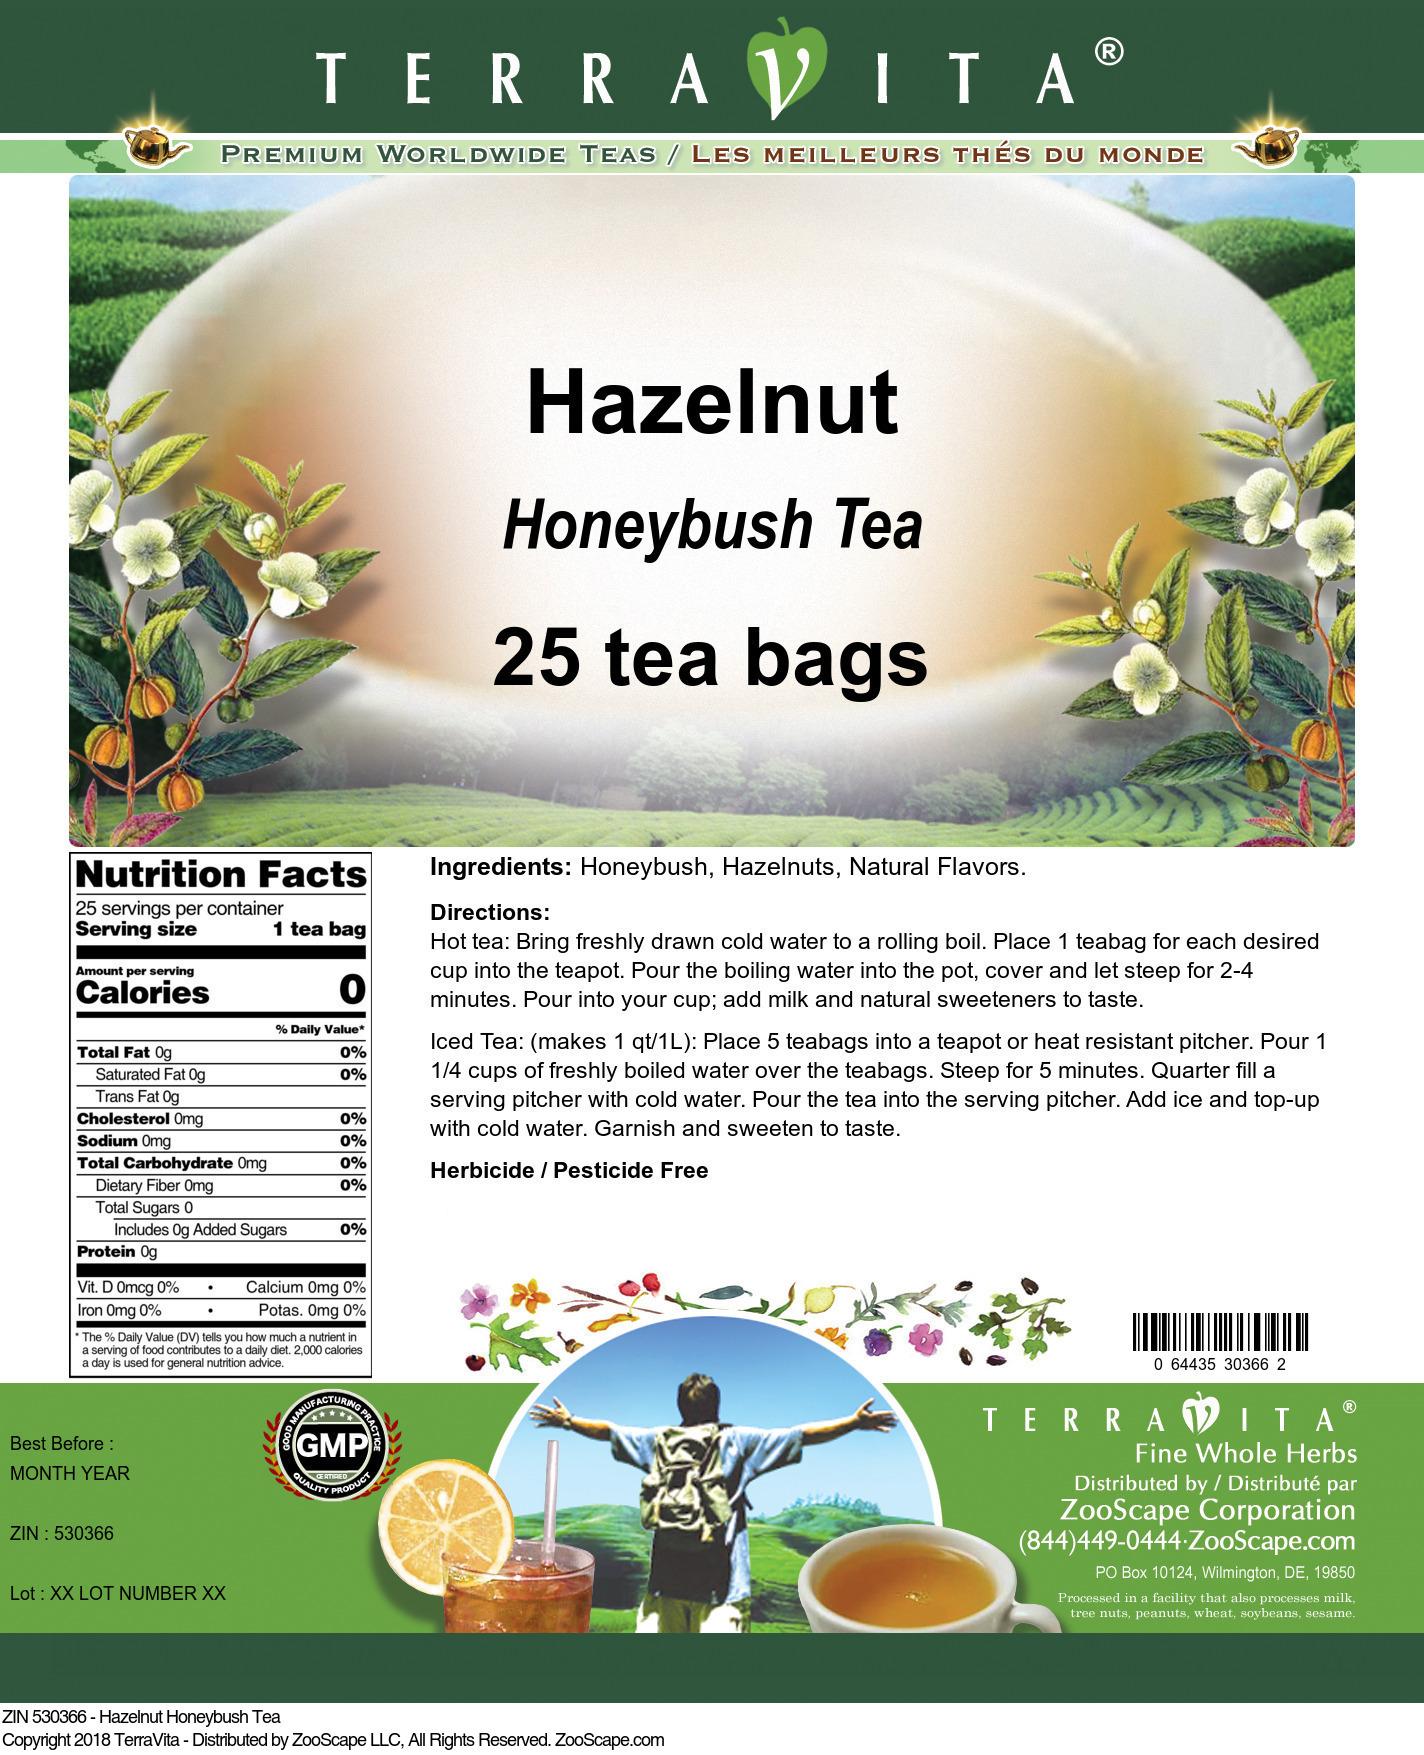 Hazelnut Honeybush Tea